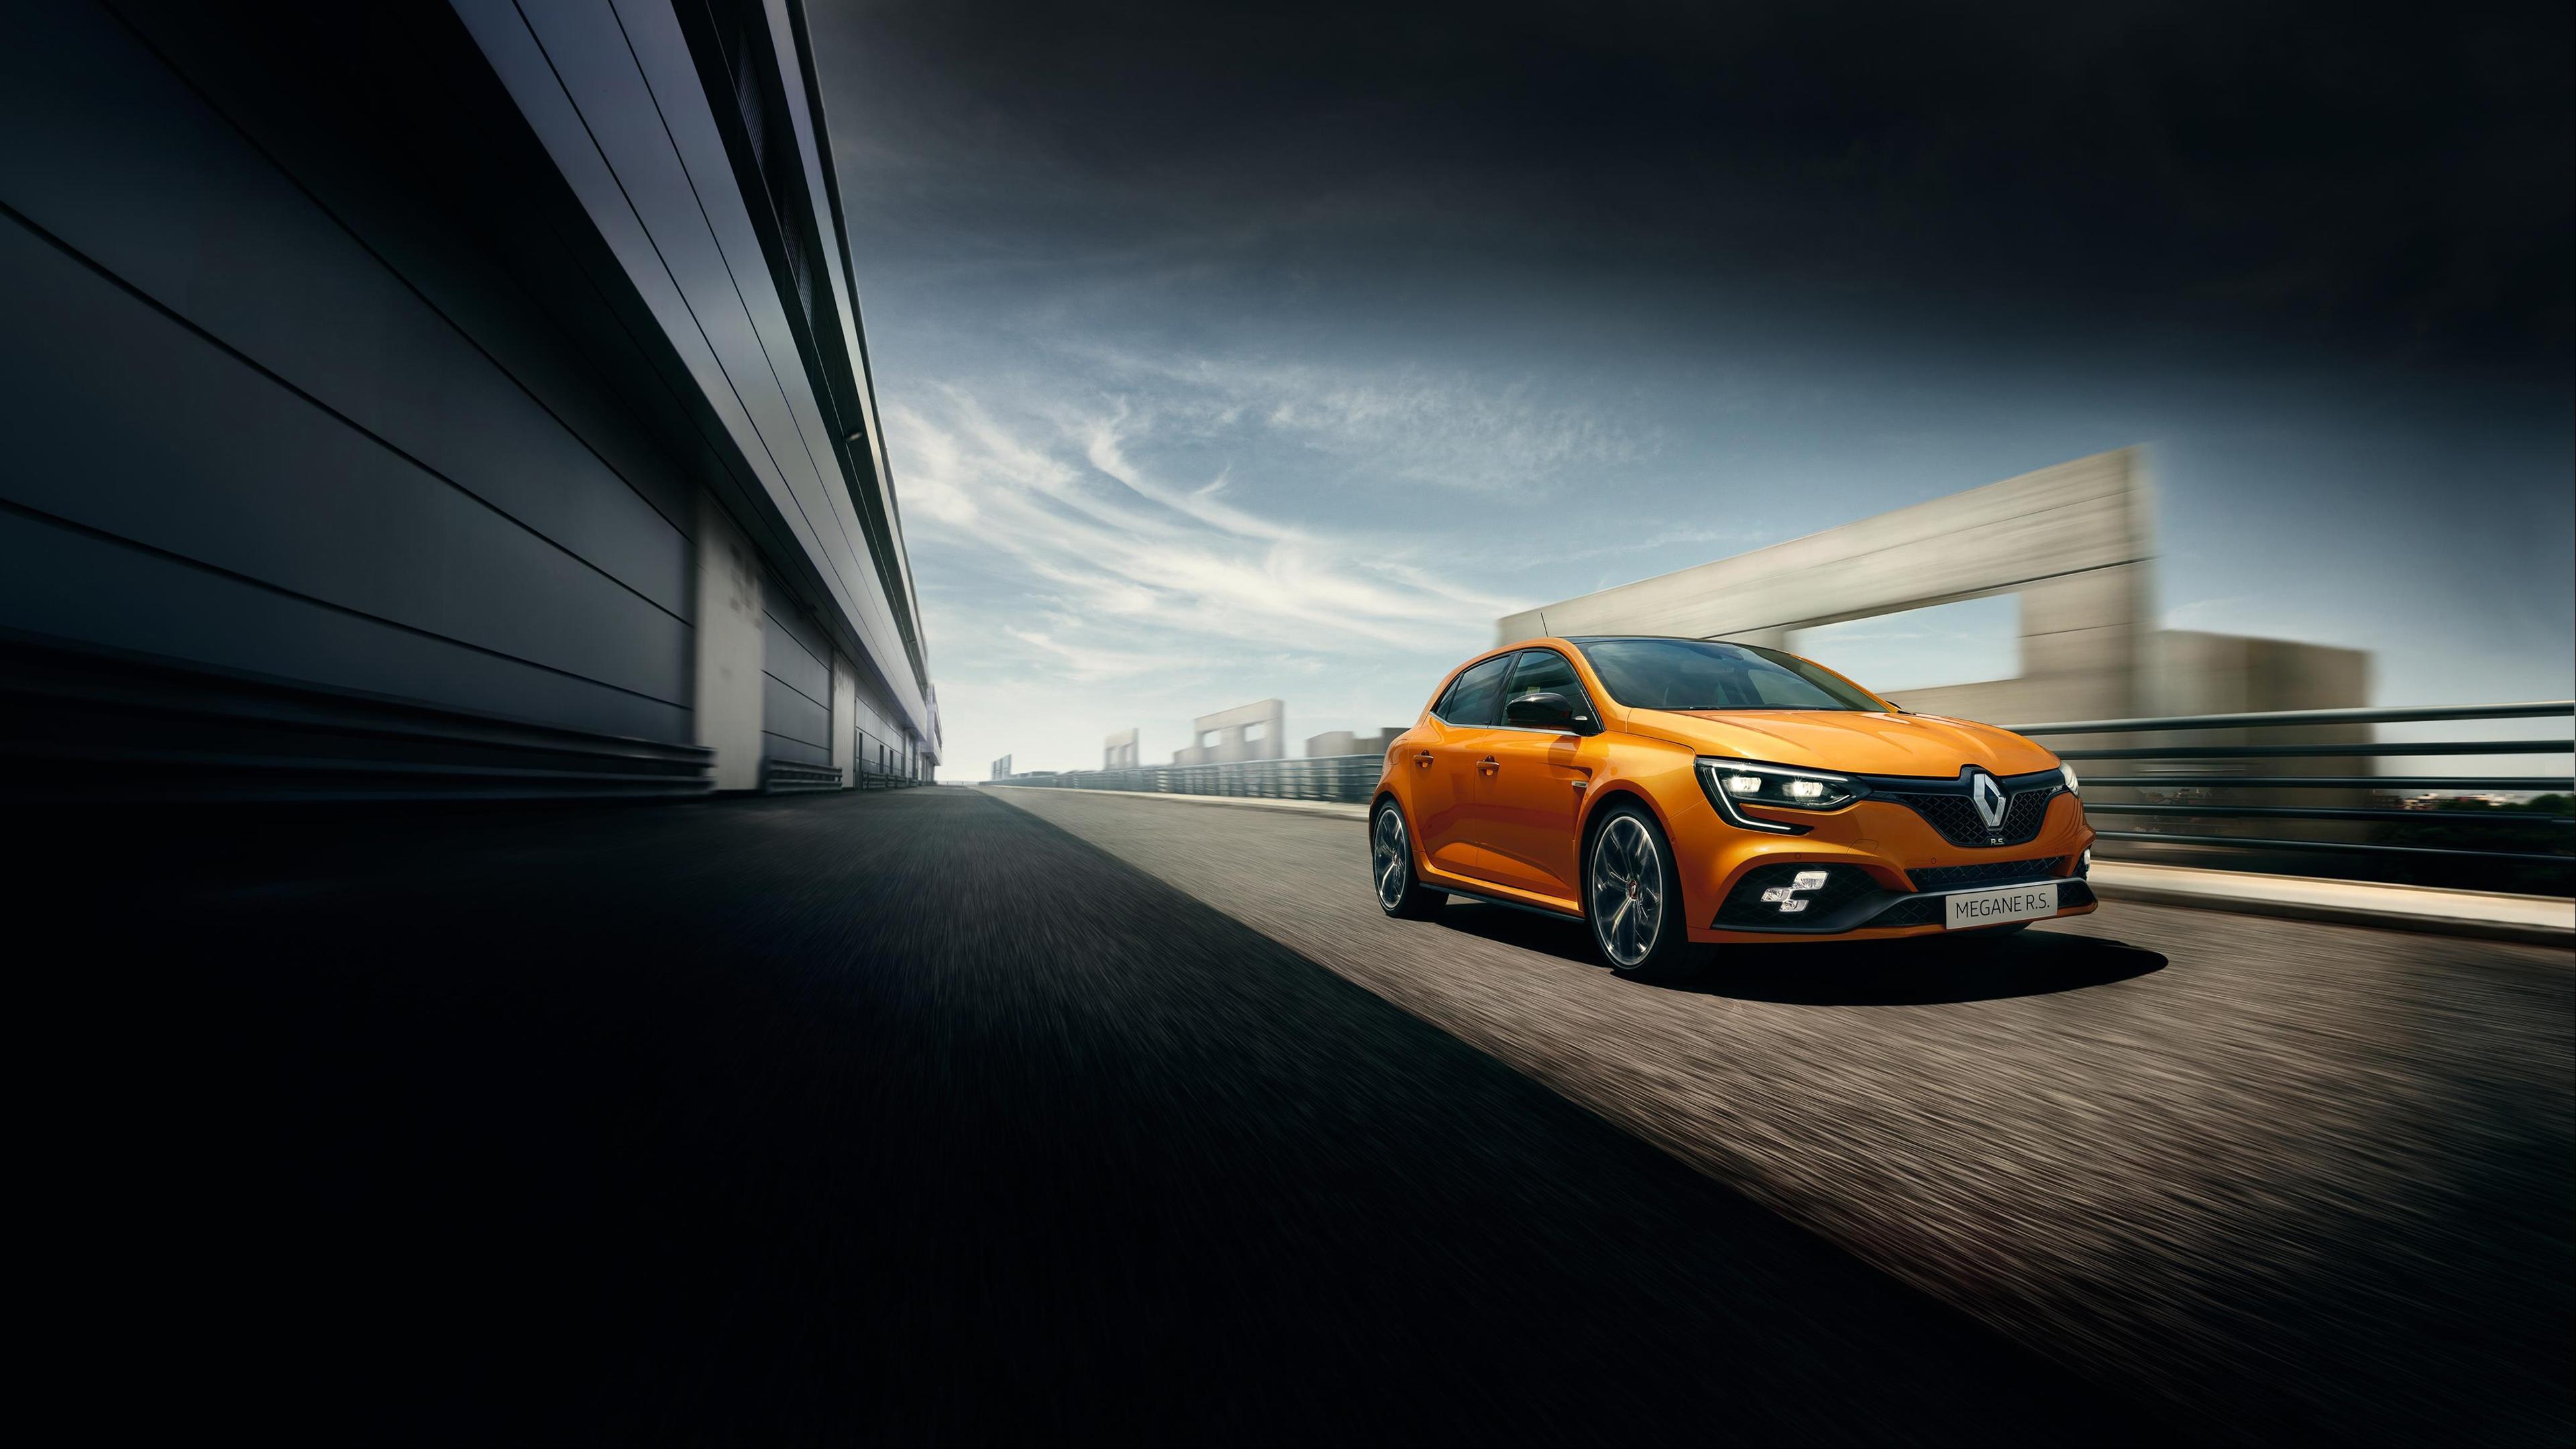 2018 Renault Megane Rs 4k Wallpaper Hd Car Wallpapers Id 8493